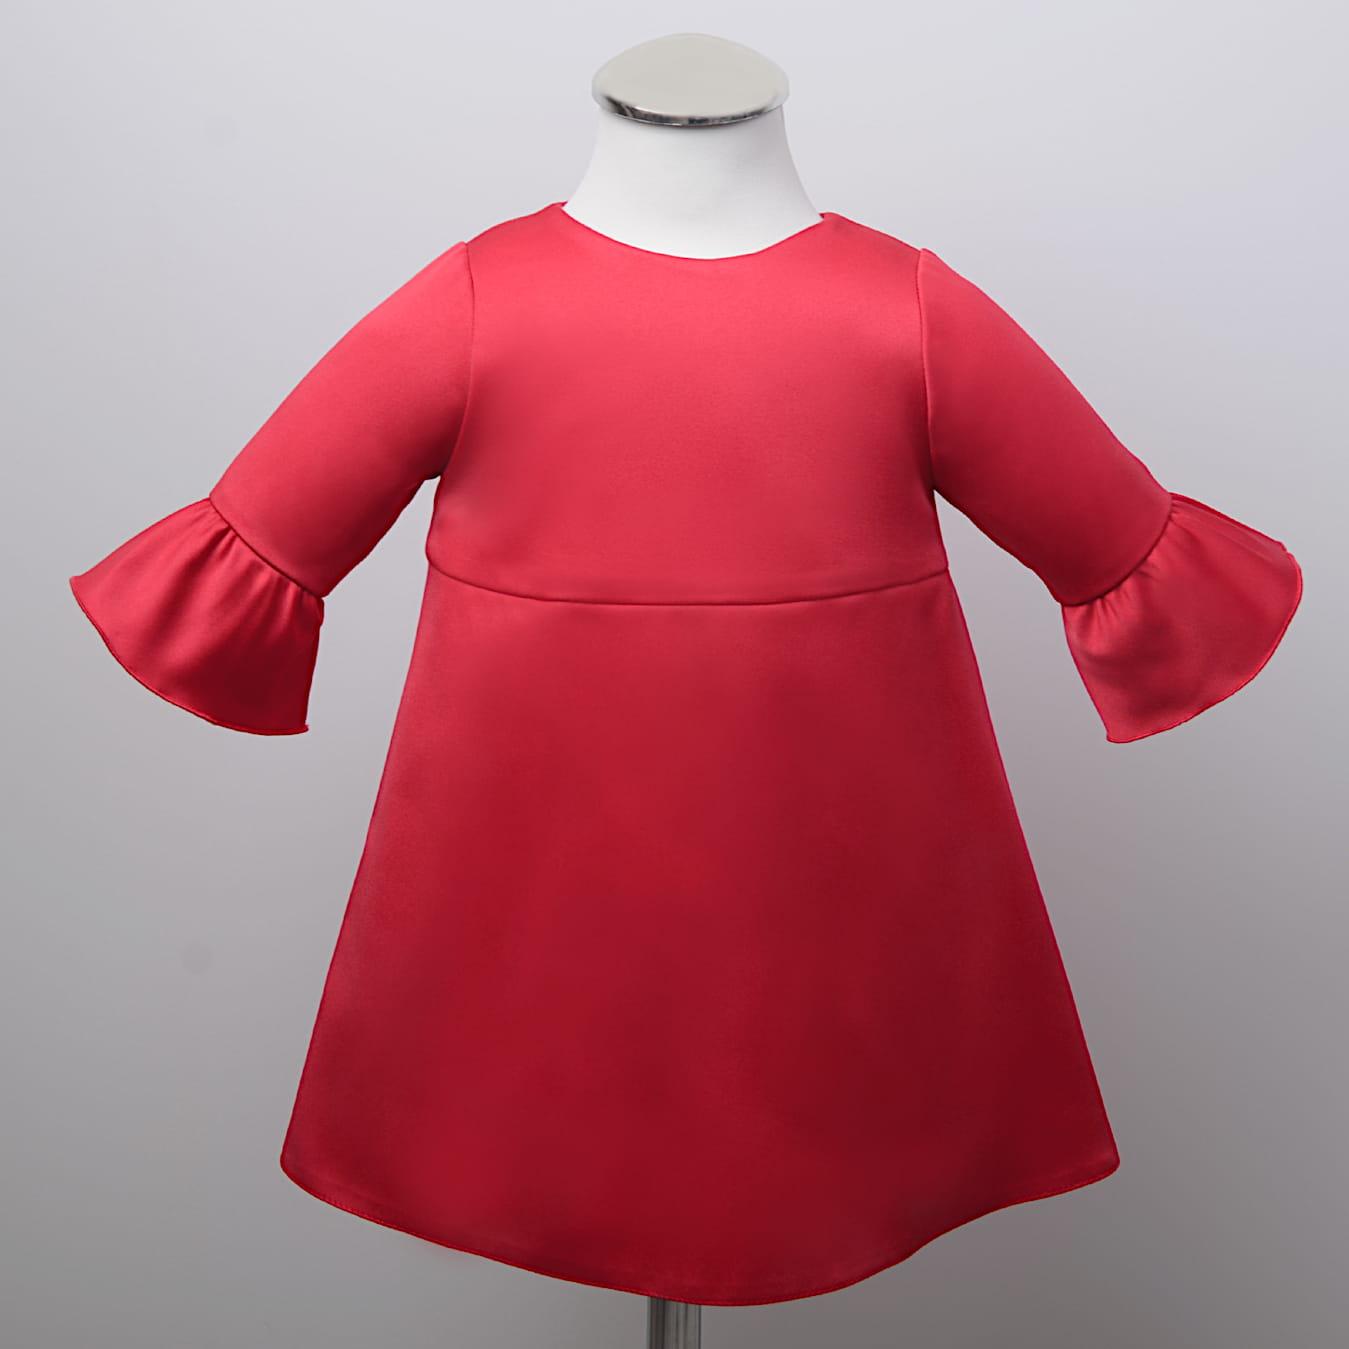 9f5fffaf84 Sukienki wizytowe dla dziewczynek na wesele - Świat sukienek dziecięcych